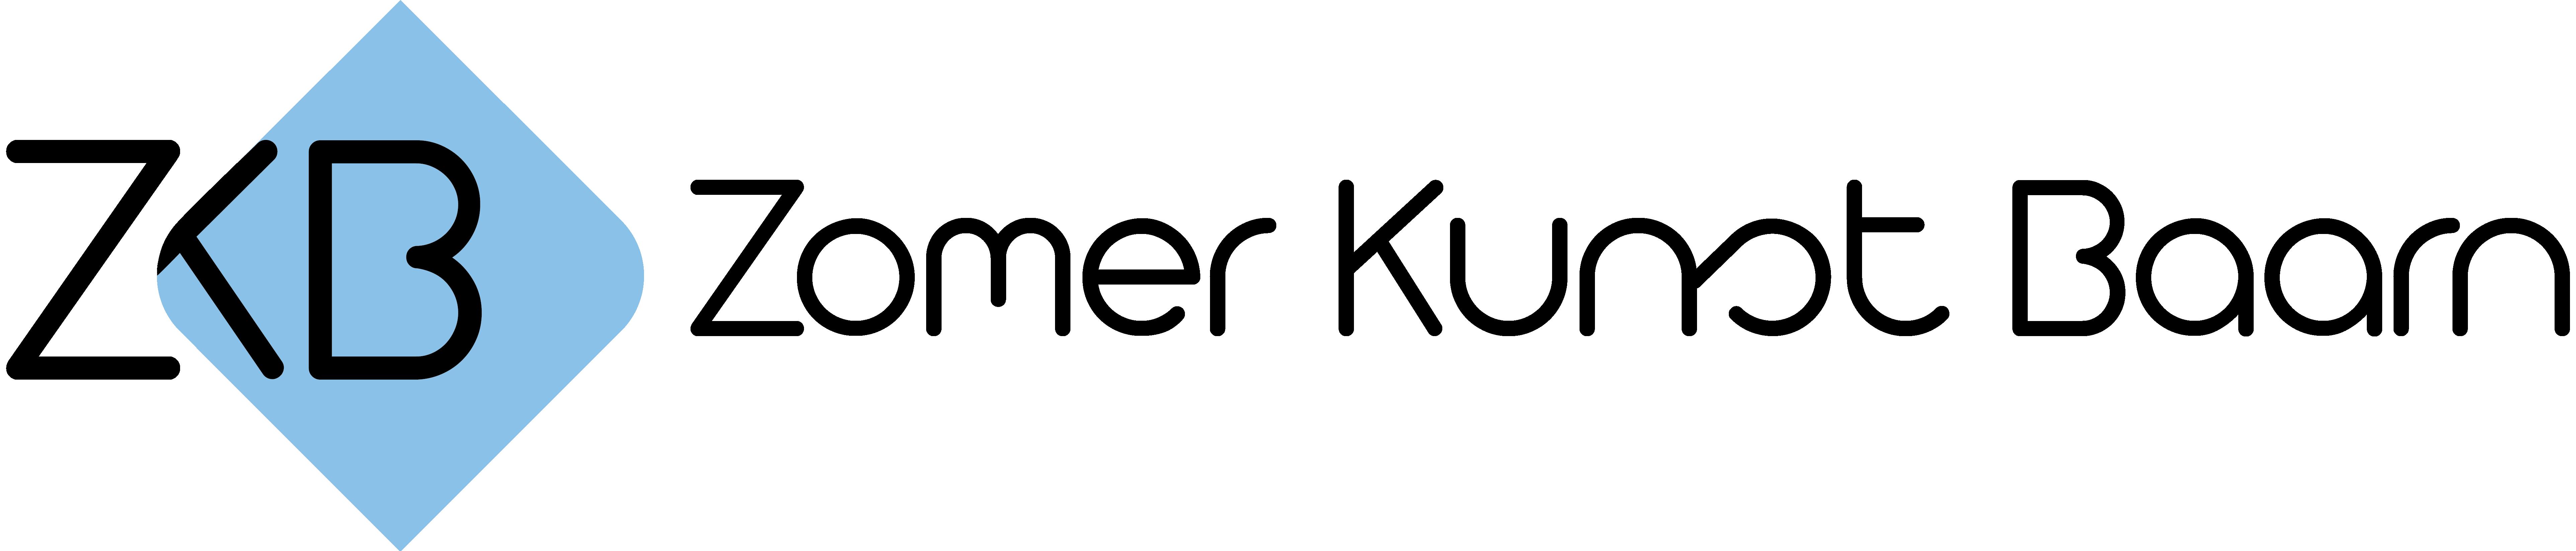 Logo Zomerkunst Baarn